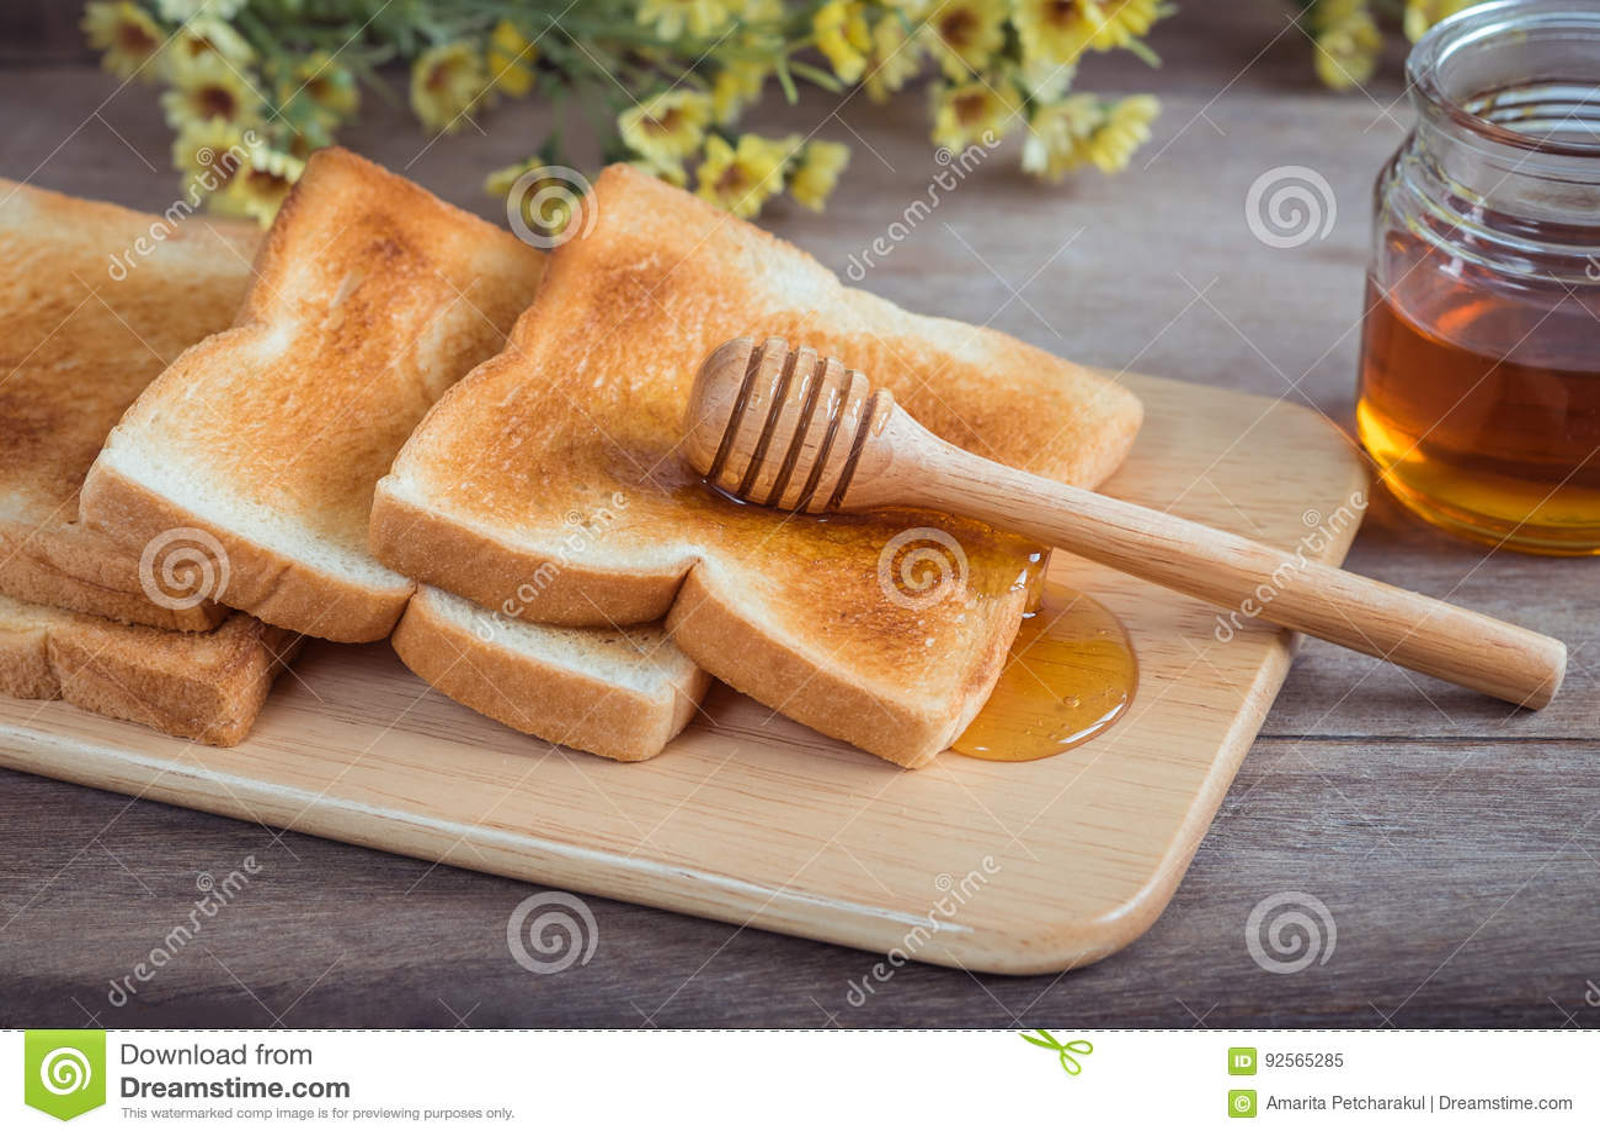 Pane tostato con miele sul piatto di legno